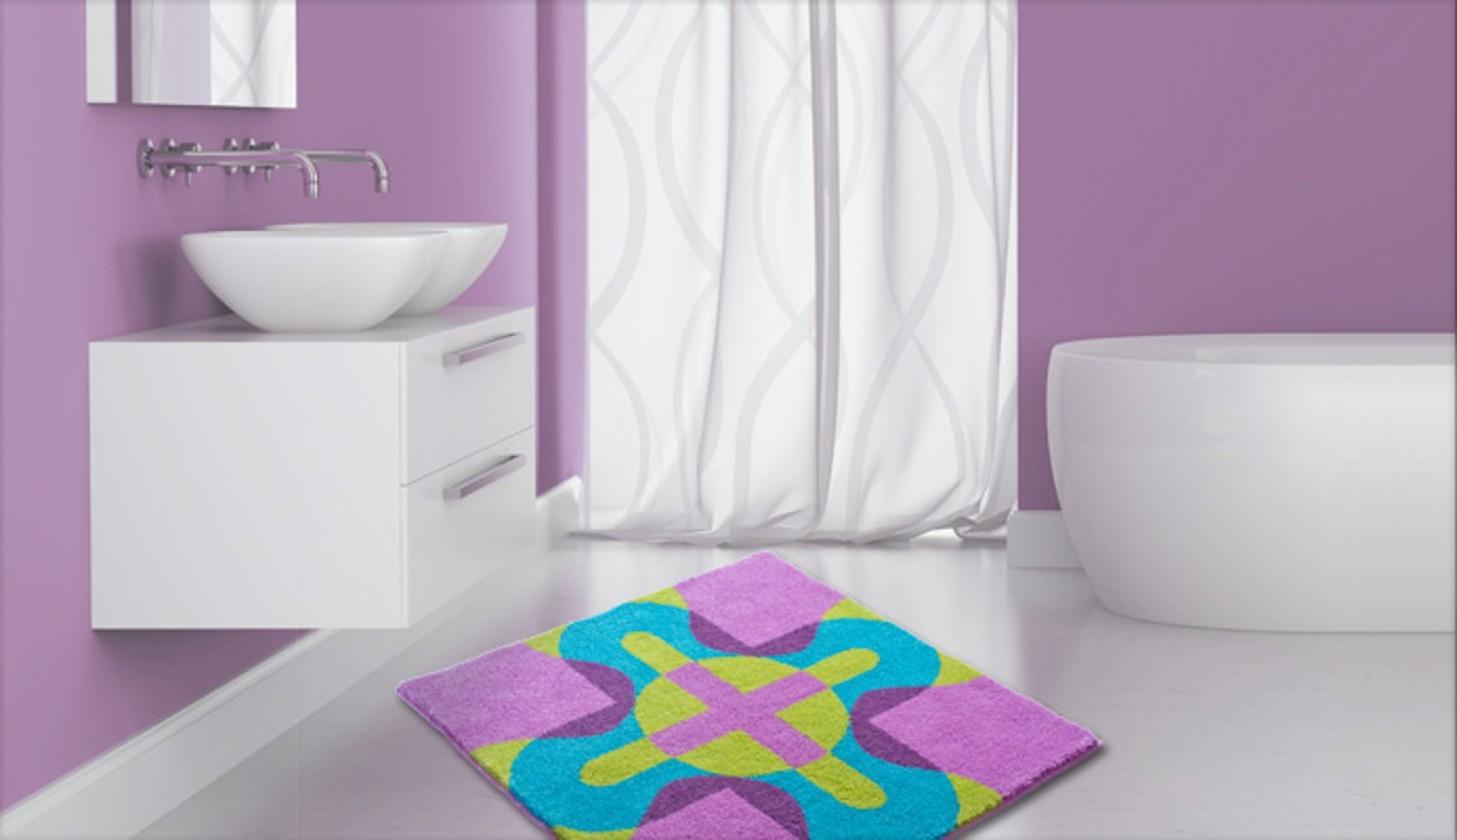 Nábytek Karim 26 - Koupelnová předložka malá 60x60 cm (fialová)